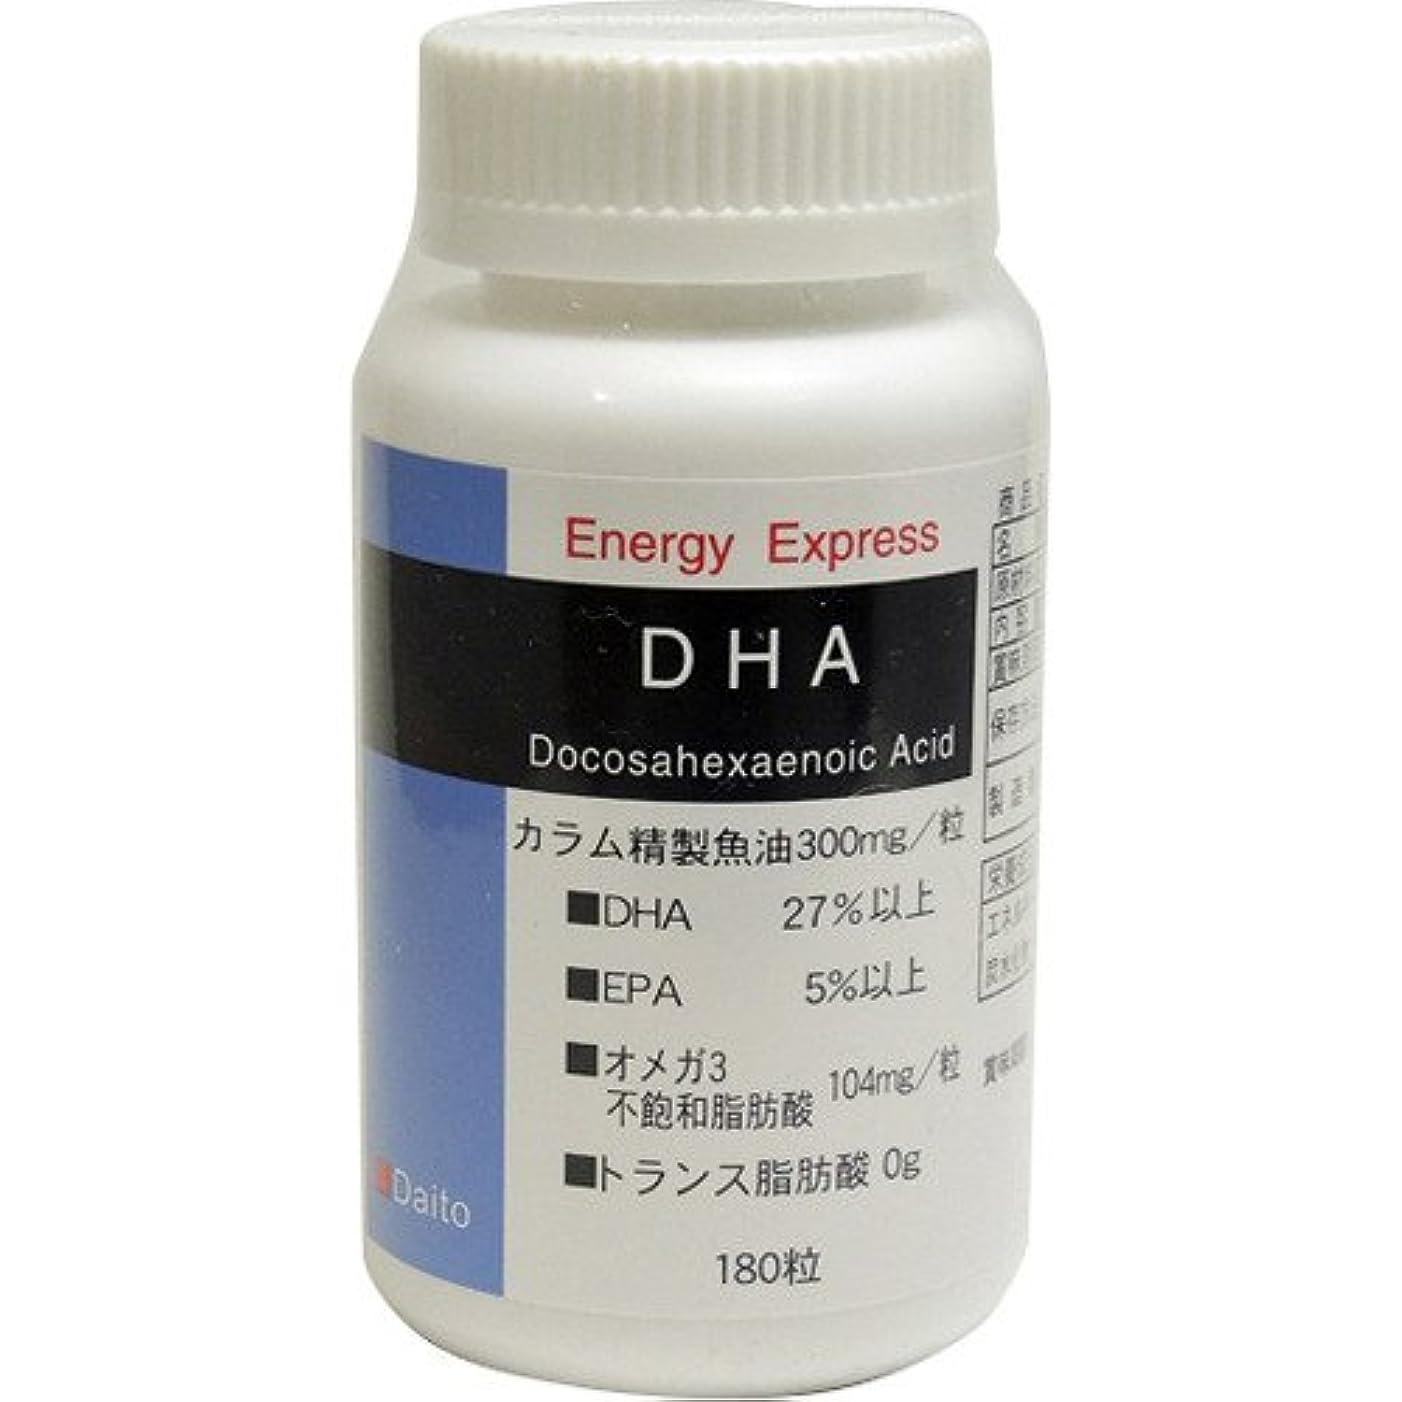 不道徳お別れドメインダイトー水産 エナジーエキスプレス DHA 445mg×180粒入り